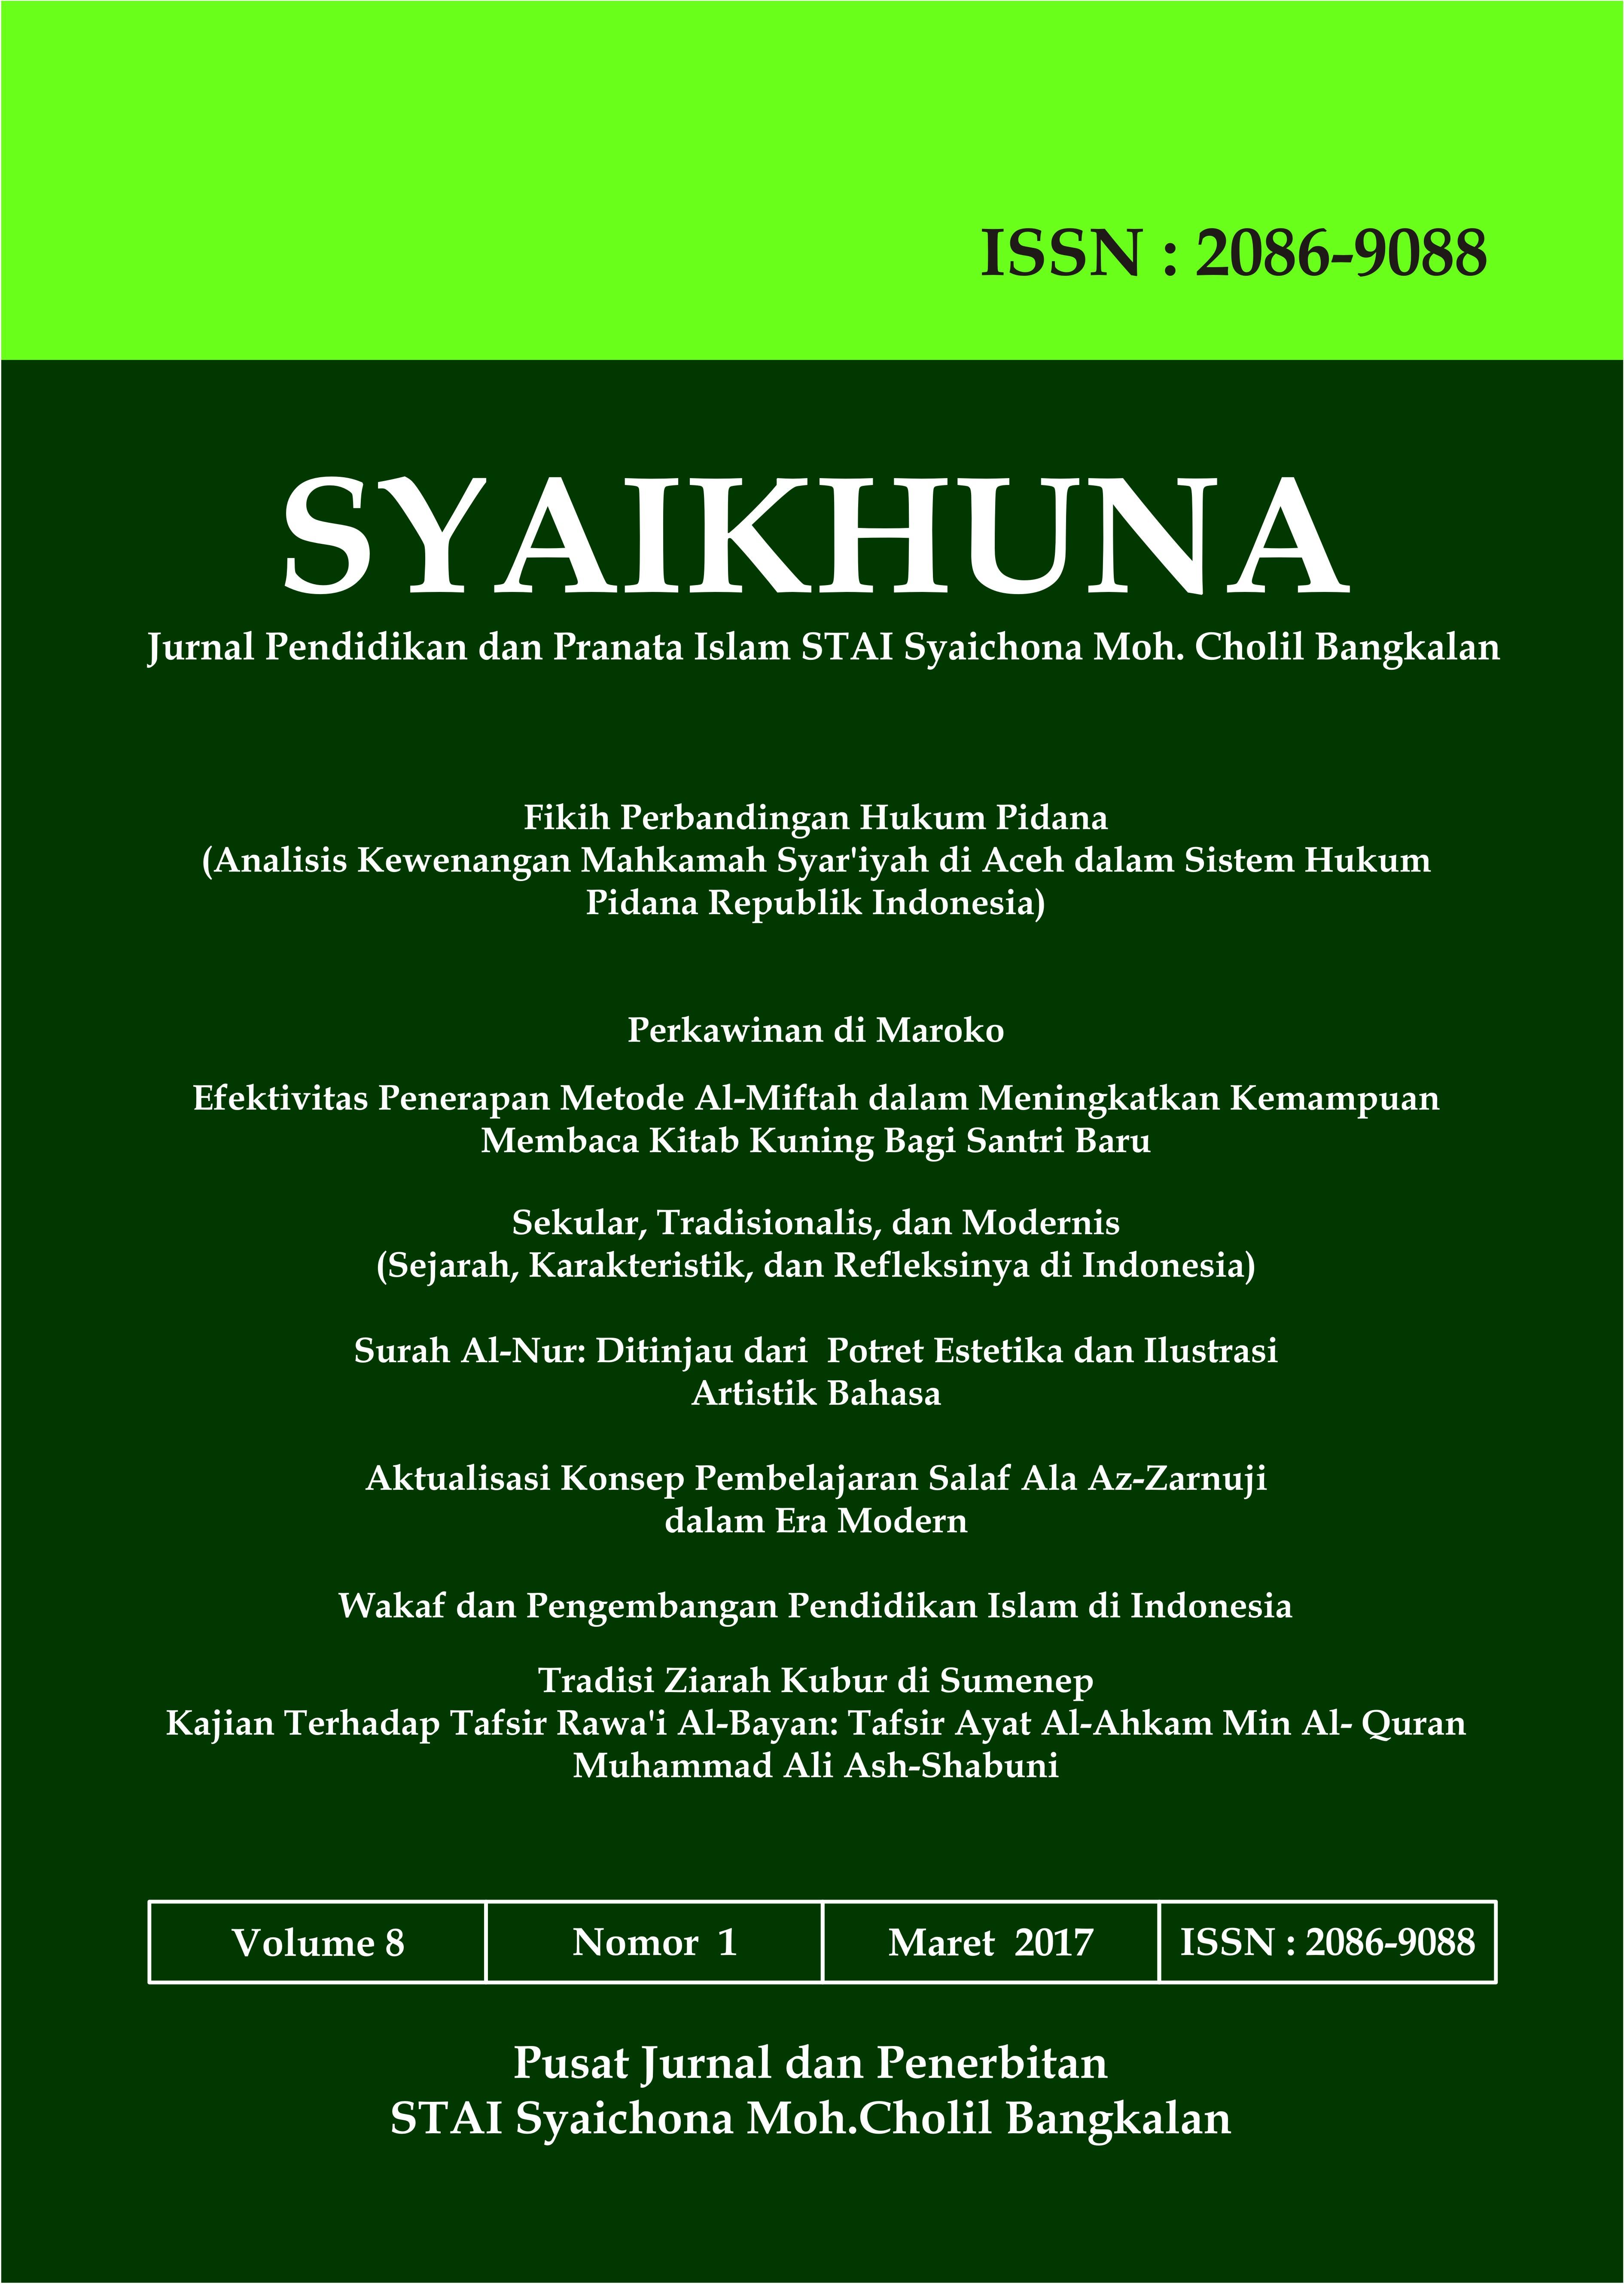 KITAB KUNING TERJEMAHAN INDONESIA EBOOK